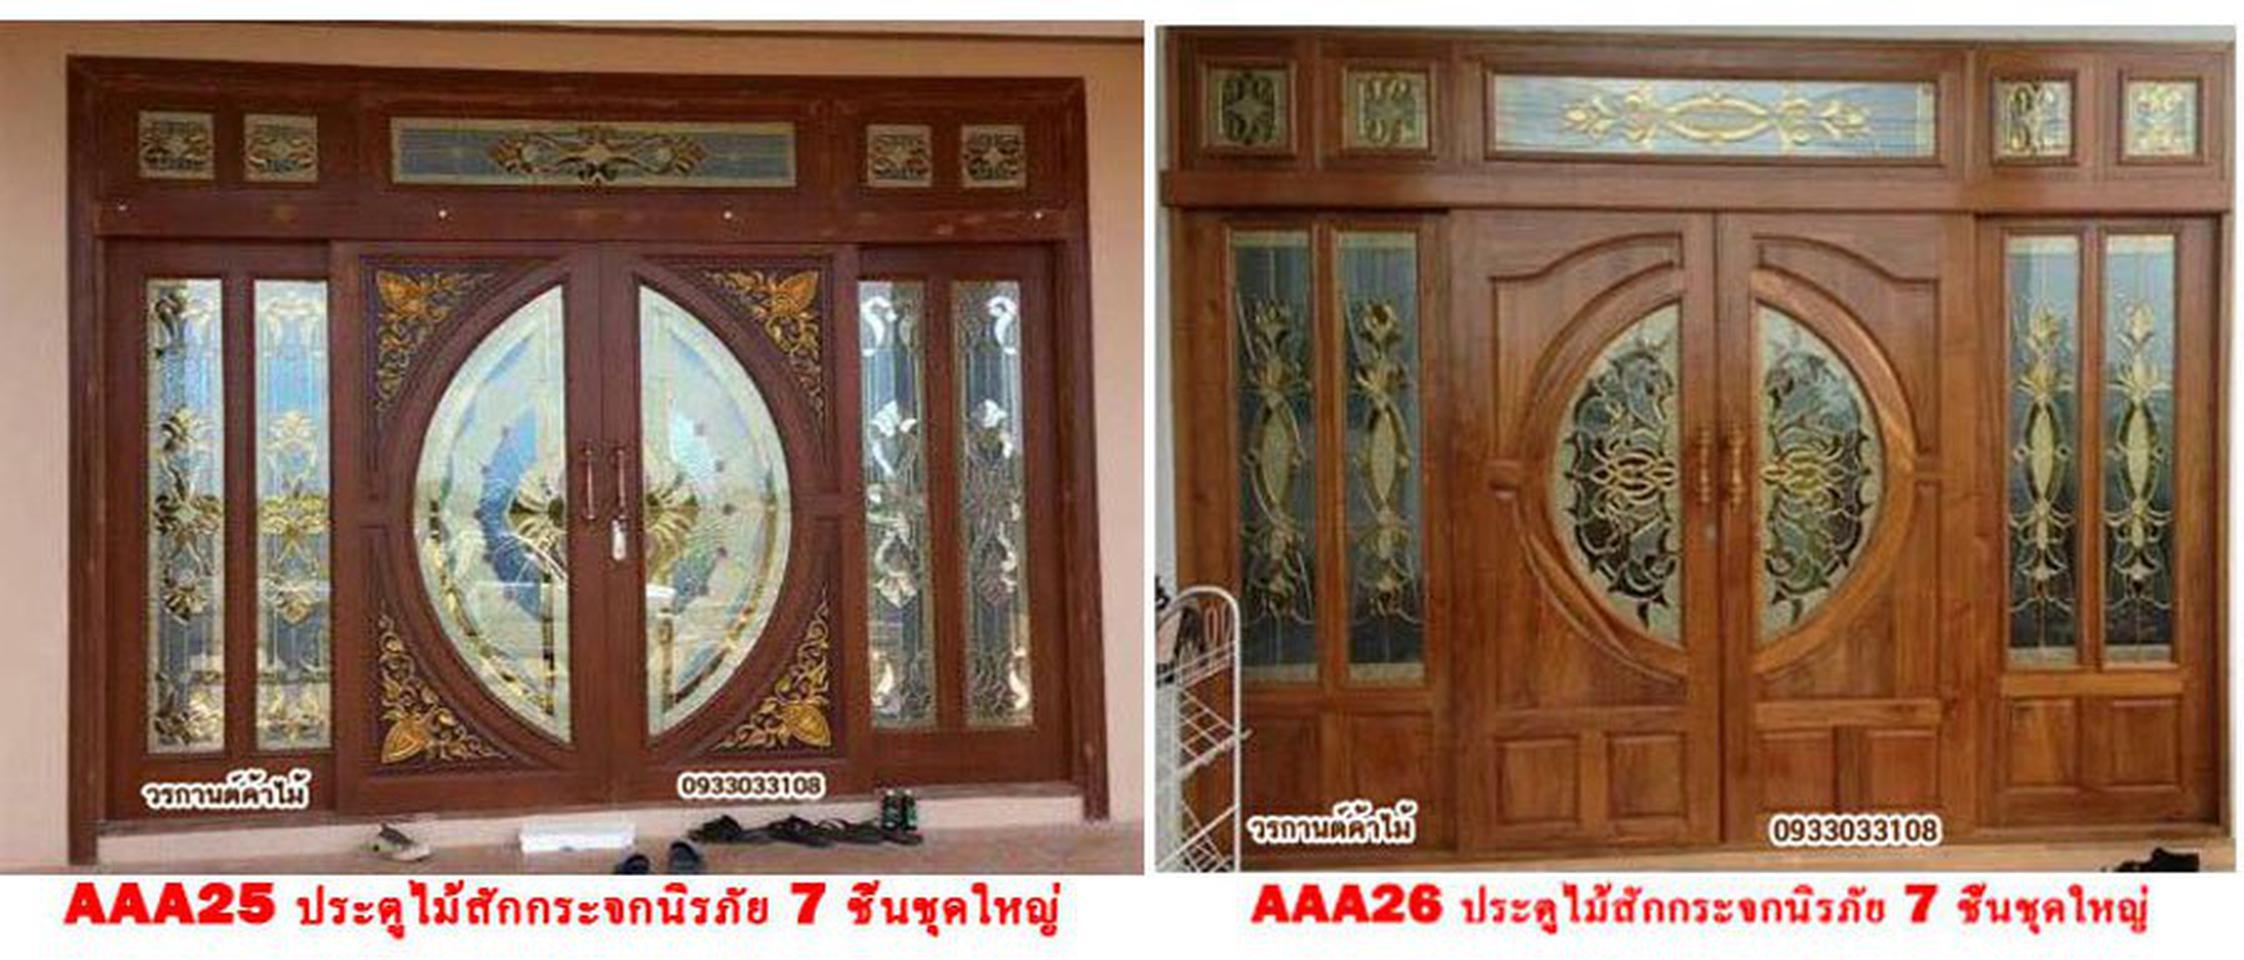 ร้านวรกานต์ค้าไม้ จำหน่าย ประตูไม้สักบานคู่กระจกนิรภัย ประตูโมเดิร์น ประตูไม้สักบานเลื่อน รูปที่ 2